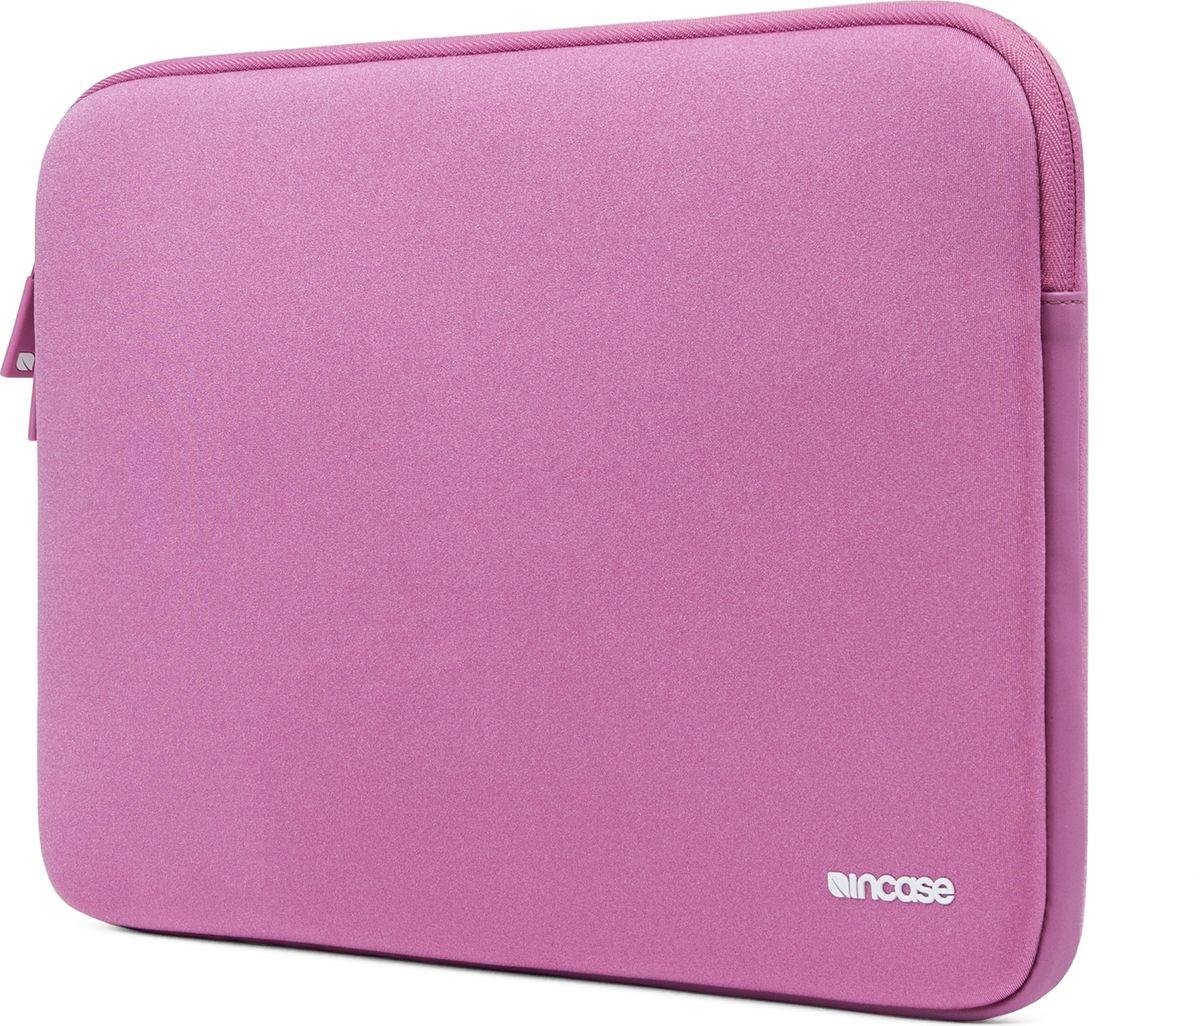 Incase Neoprene Classic Sleeve чехол для Apple MacBook Air 11, OrchidCL90041Тонкий чехол Incase Neoprene Classic Sleeve для Apple MacBook Air 11 выполнен из неопрена в элегантном строгом дизайне. Чехол надежно защищает устройство от царапин, не пропускает влагу и оснащен мягкой подкладкой, а также удобной застежкой-молнией.